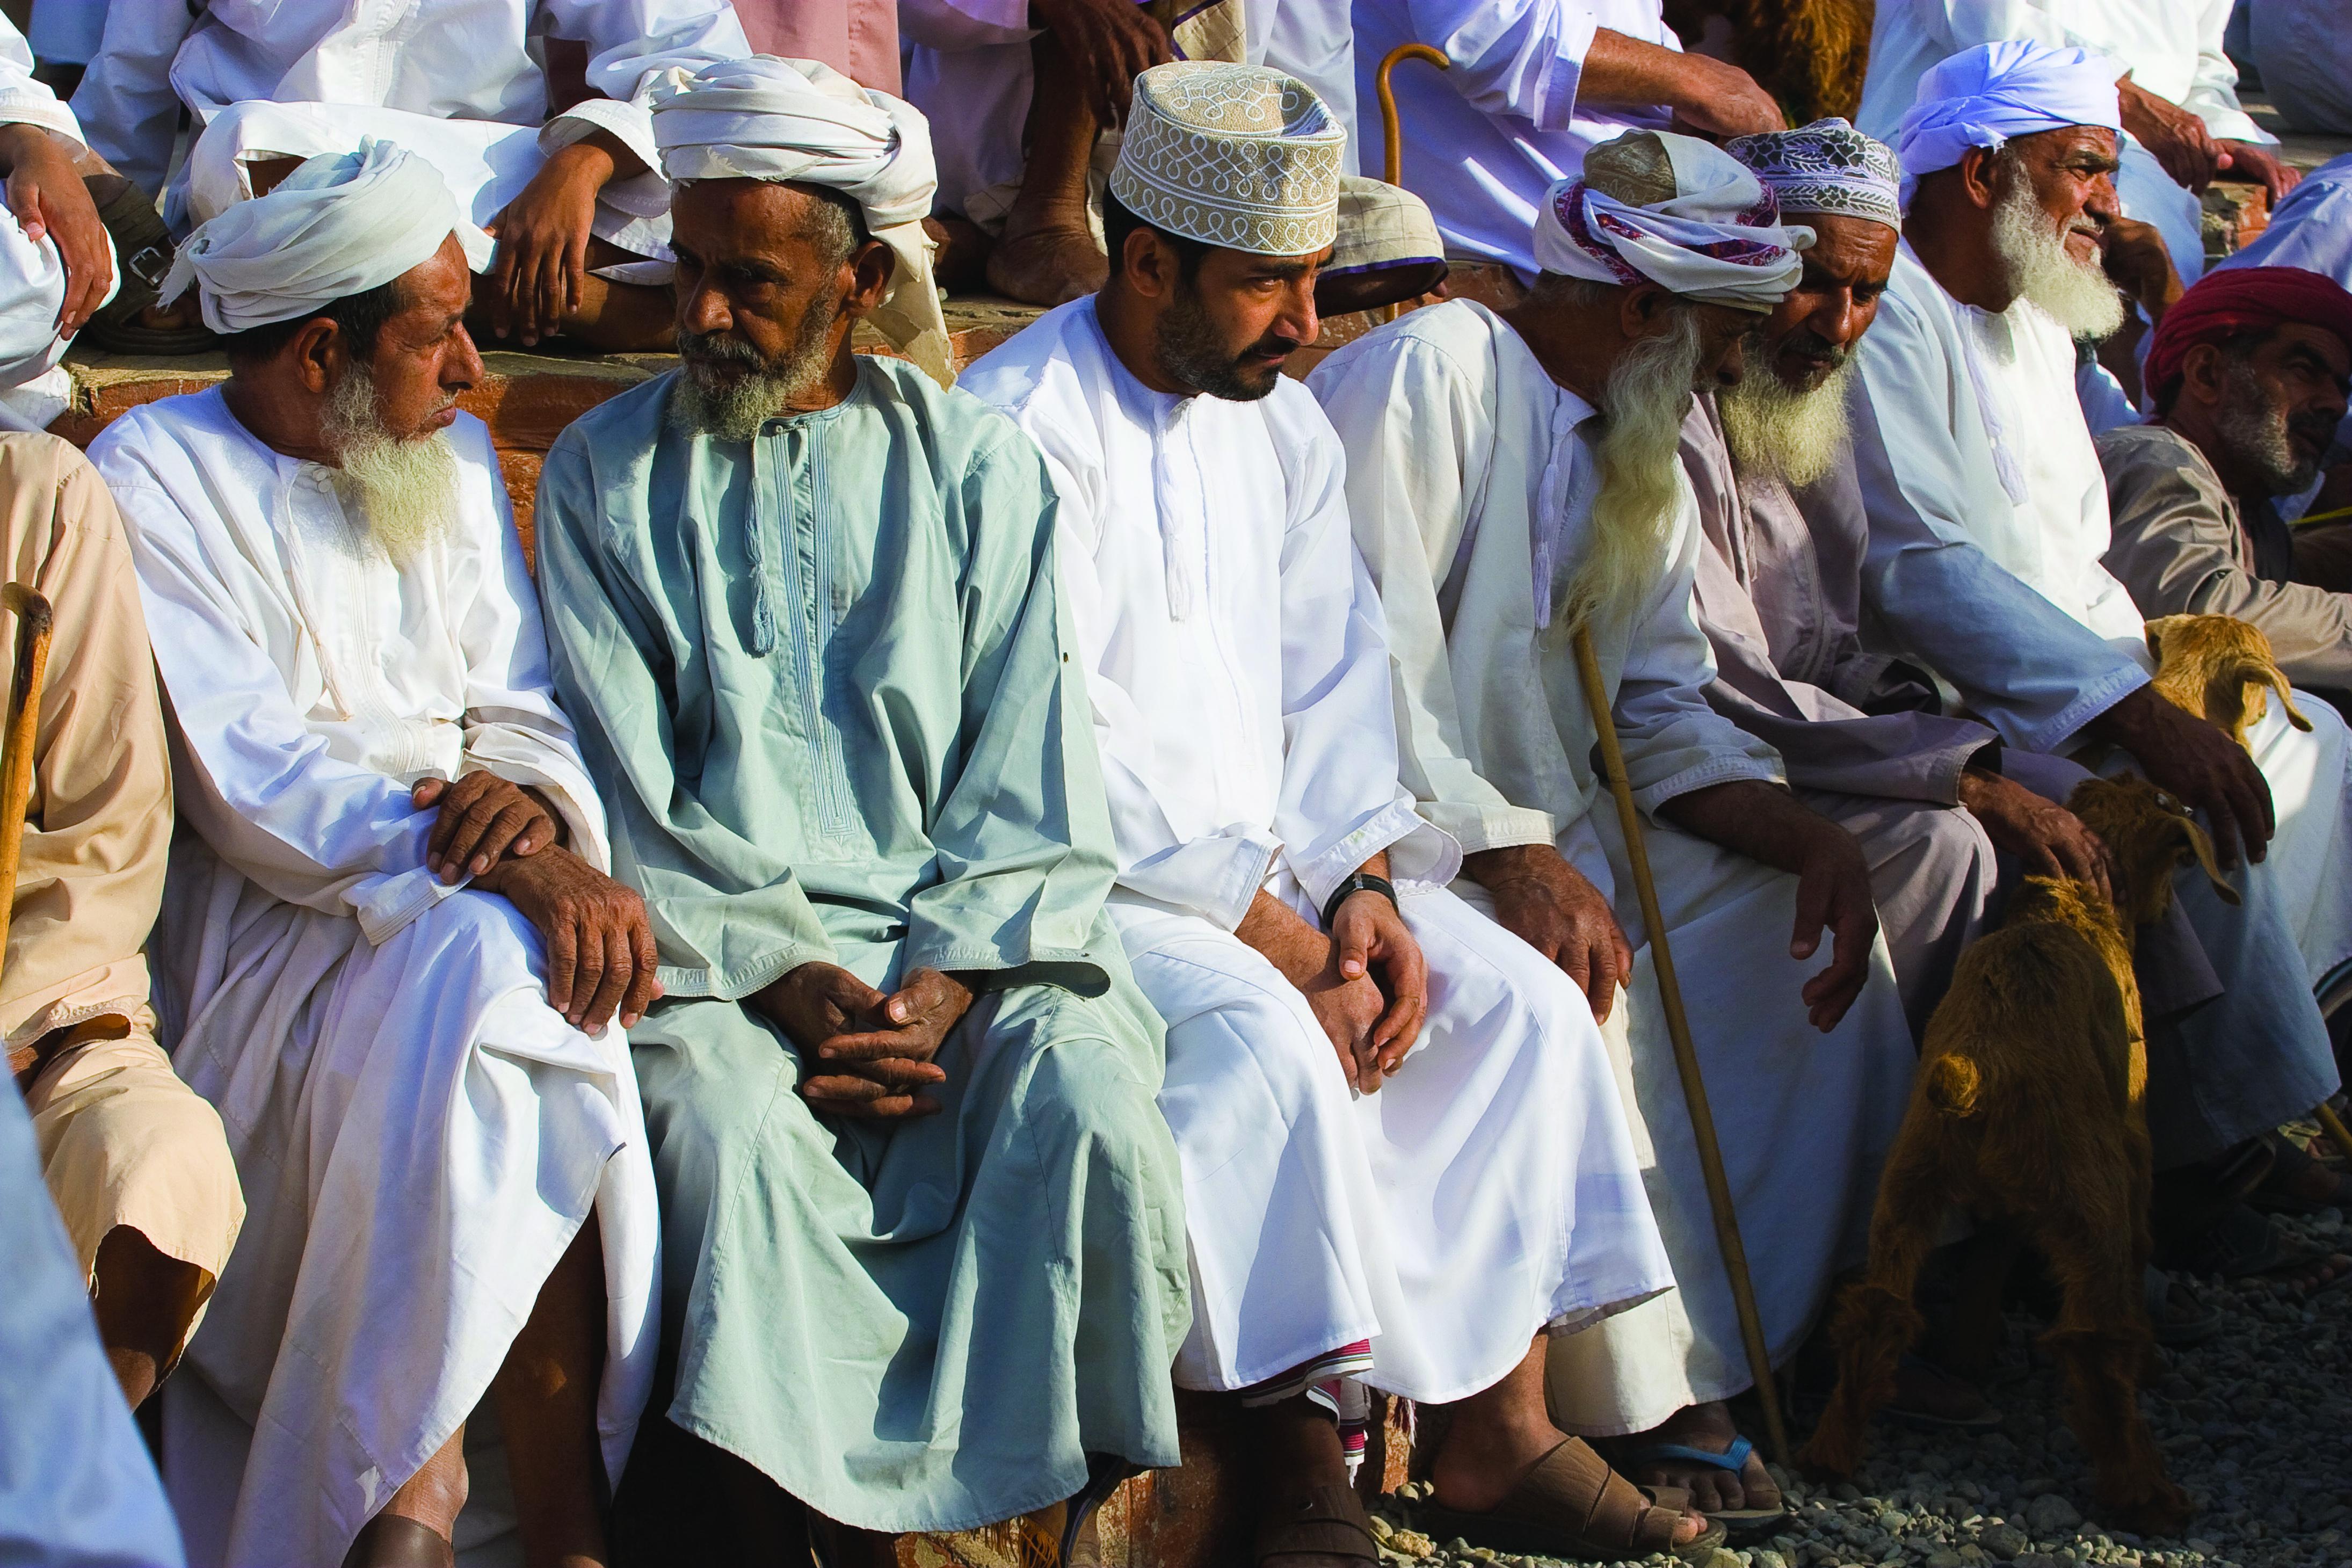 Omani Men's National Dress: Displaying Personal Taste, Asserting